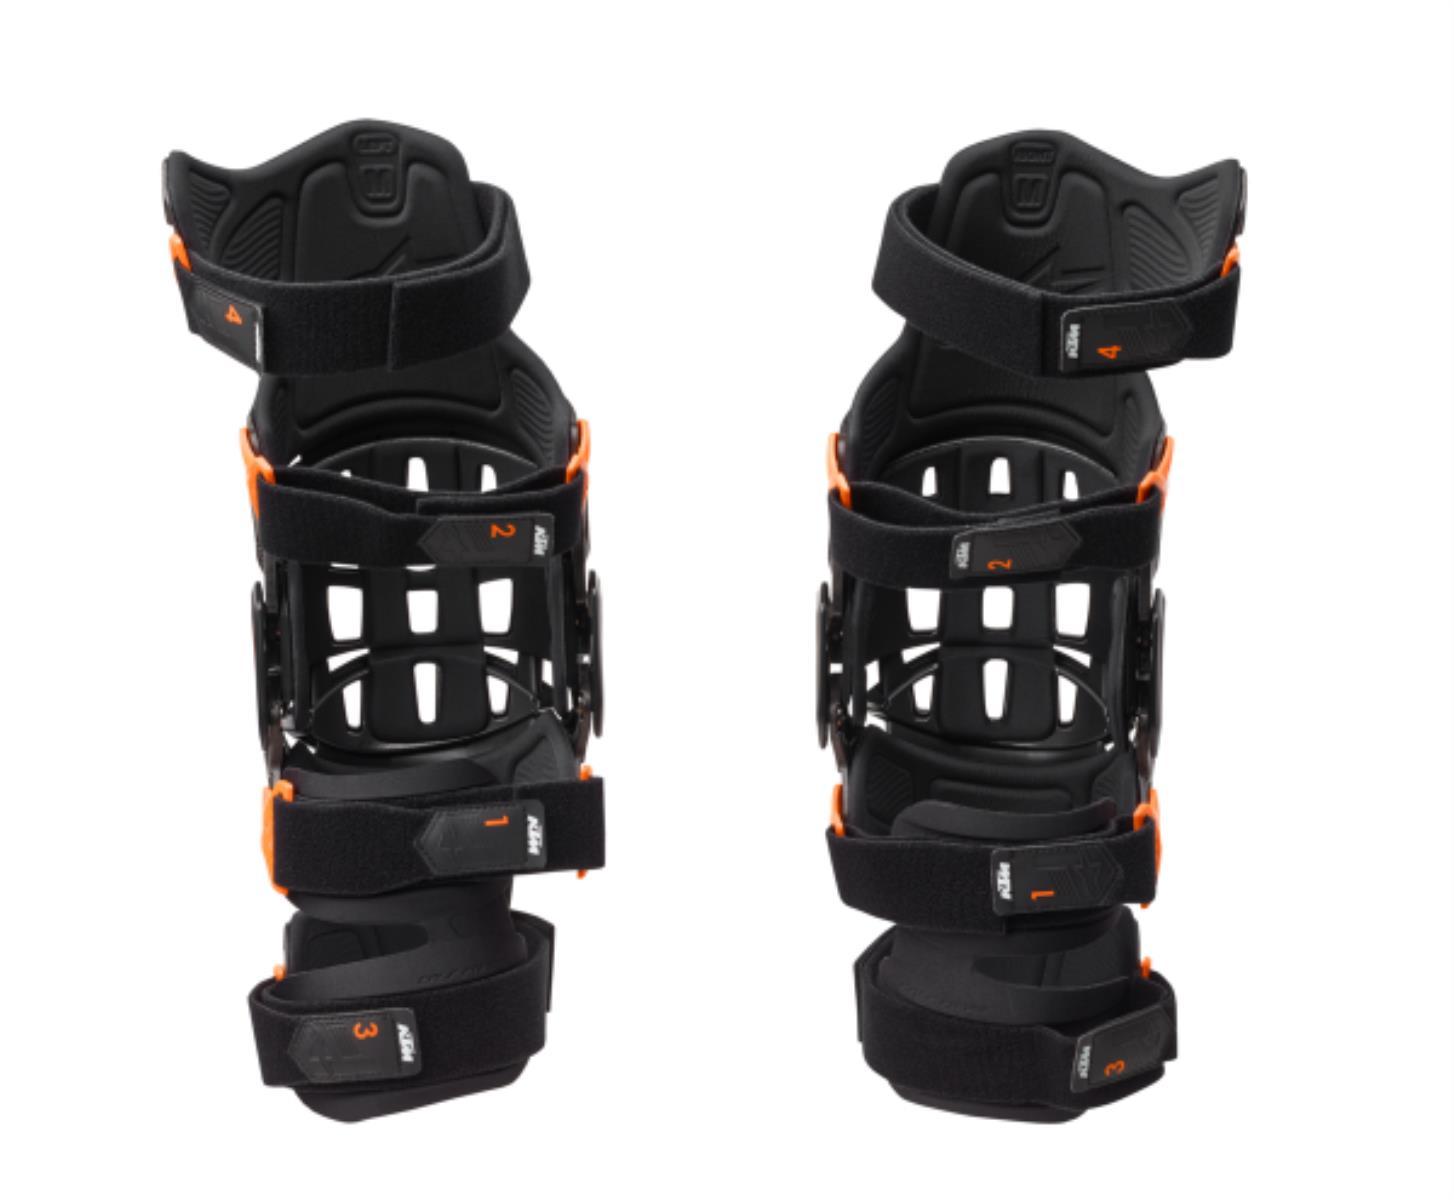 Εικόνα από Bionic 10 Knee Brace